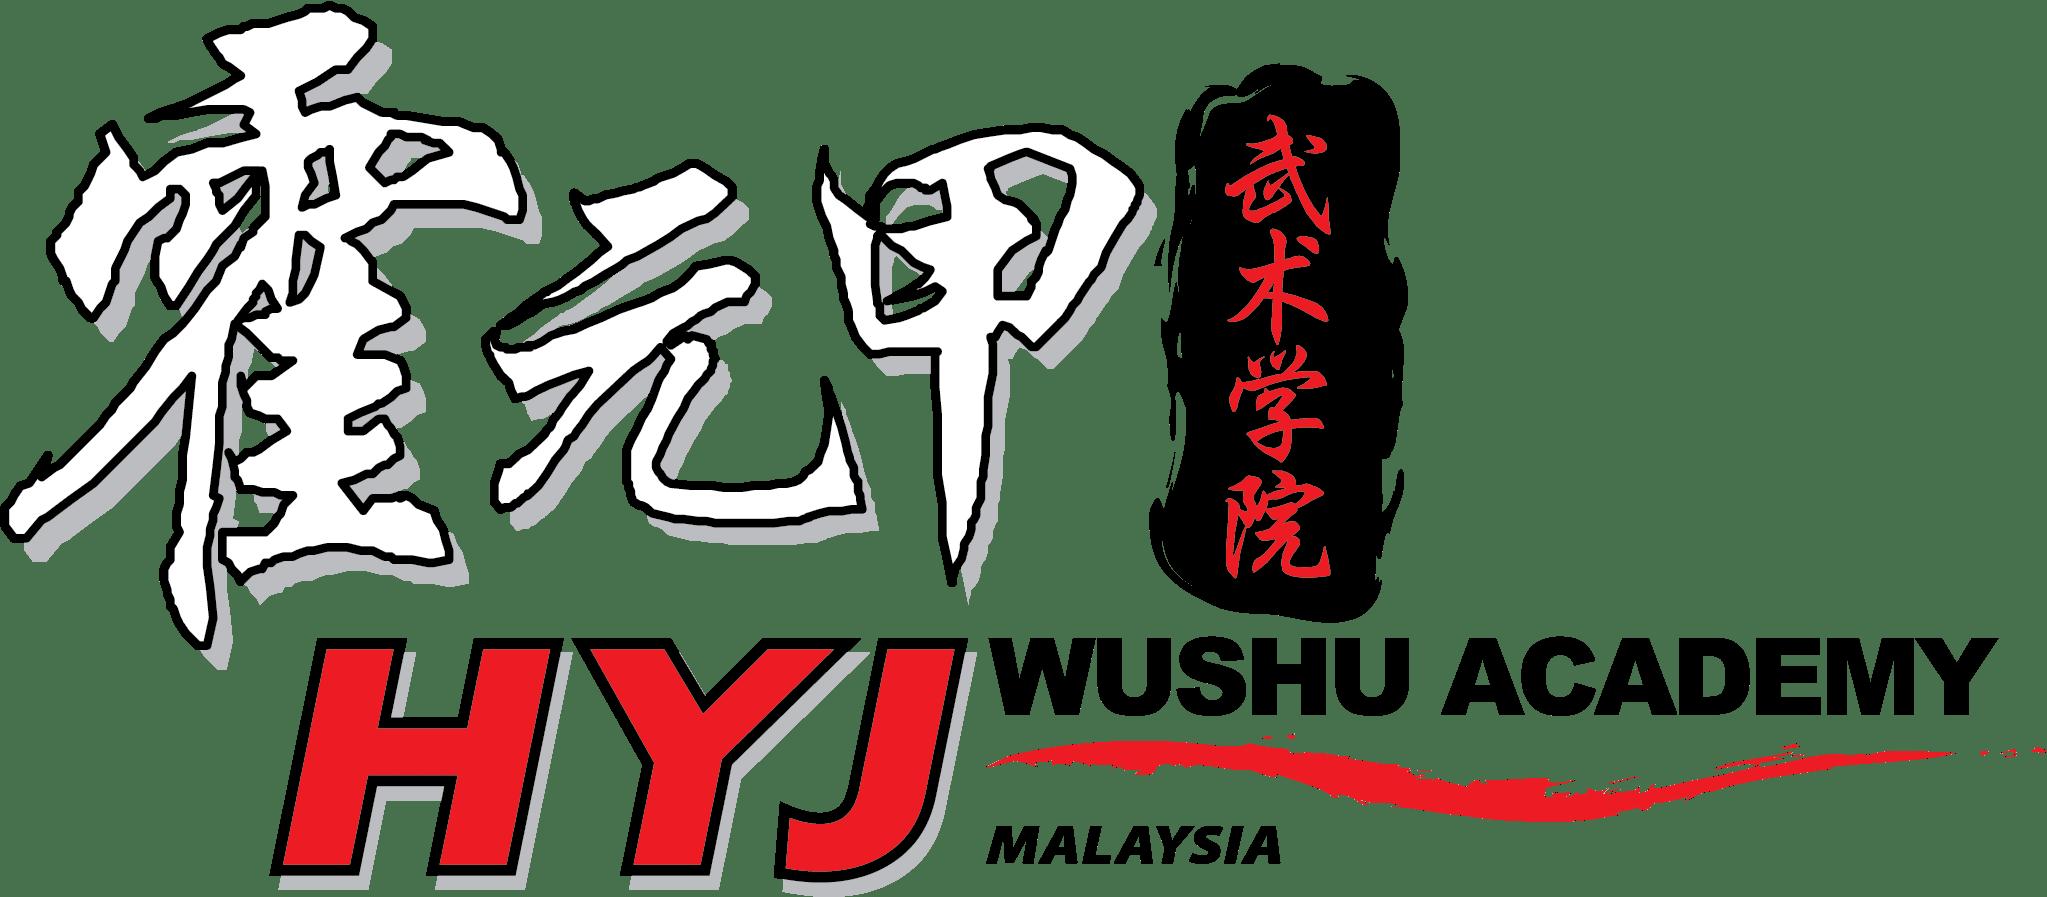 HYJ Wushu